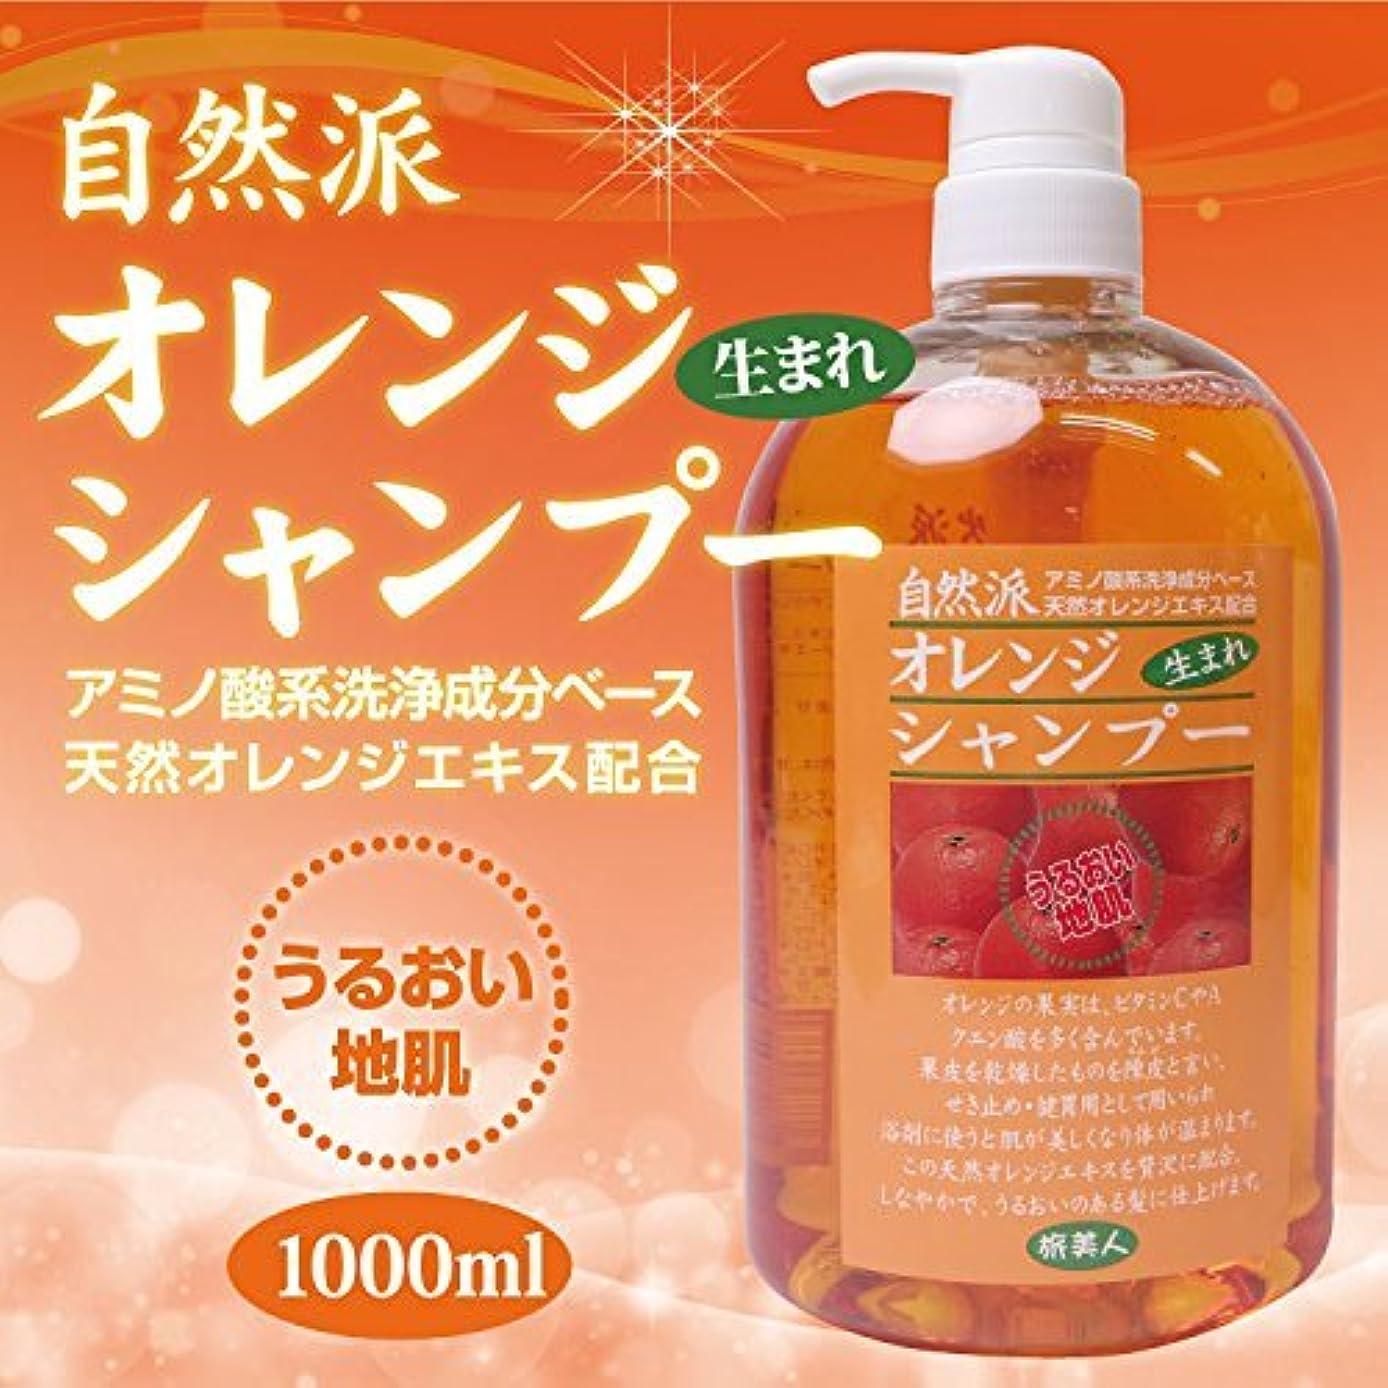 禁止する空中製作アズマ商事の 自然派 オレンジシャンプー 1000ml